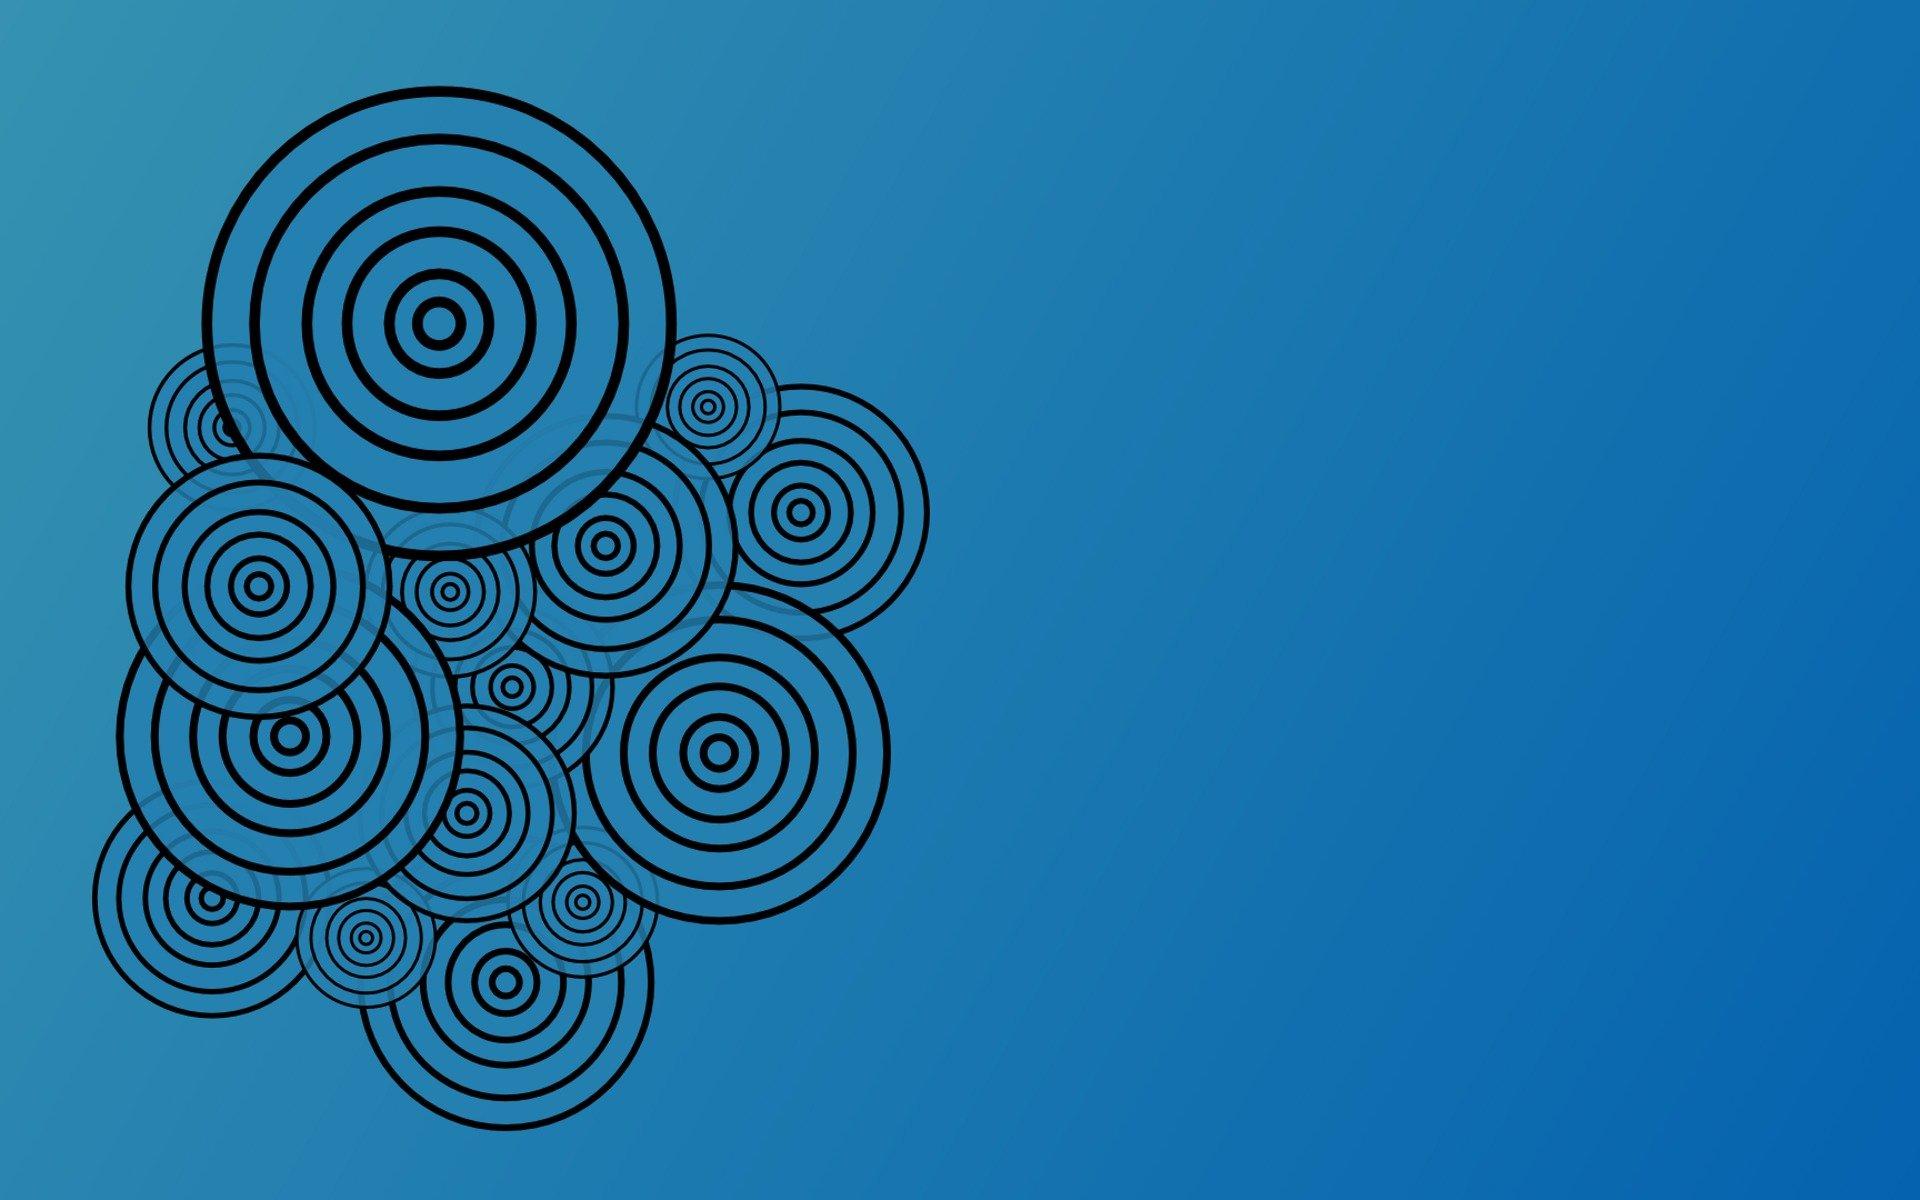 графика абстракция круги цвета скачать